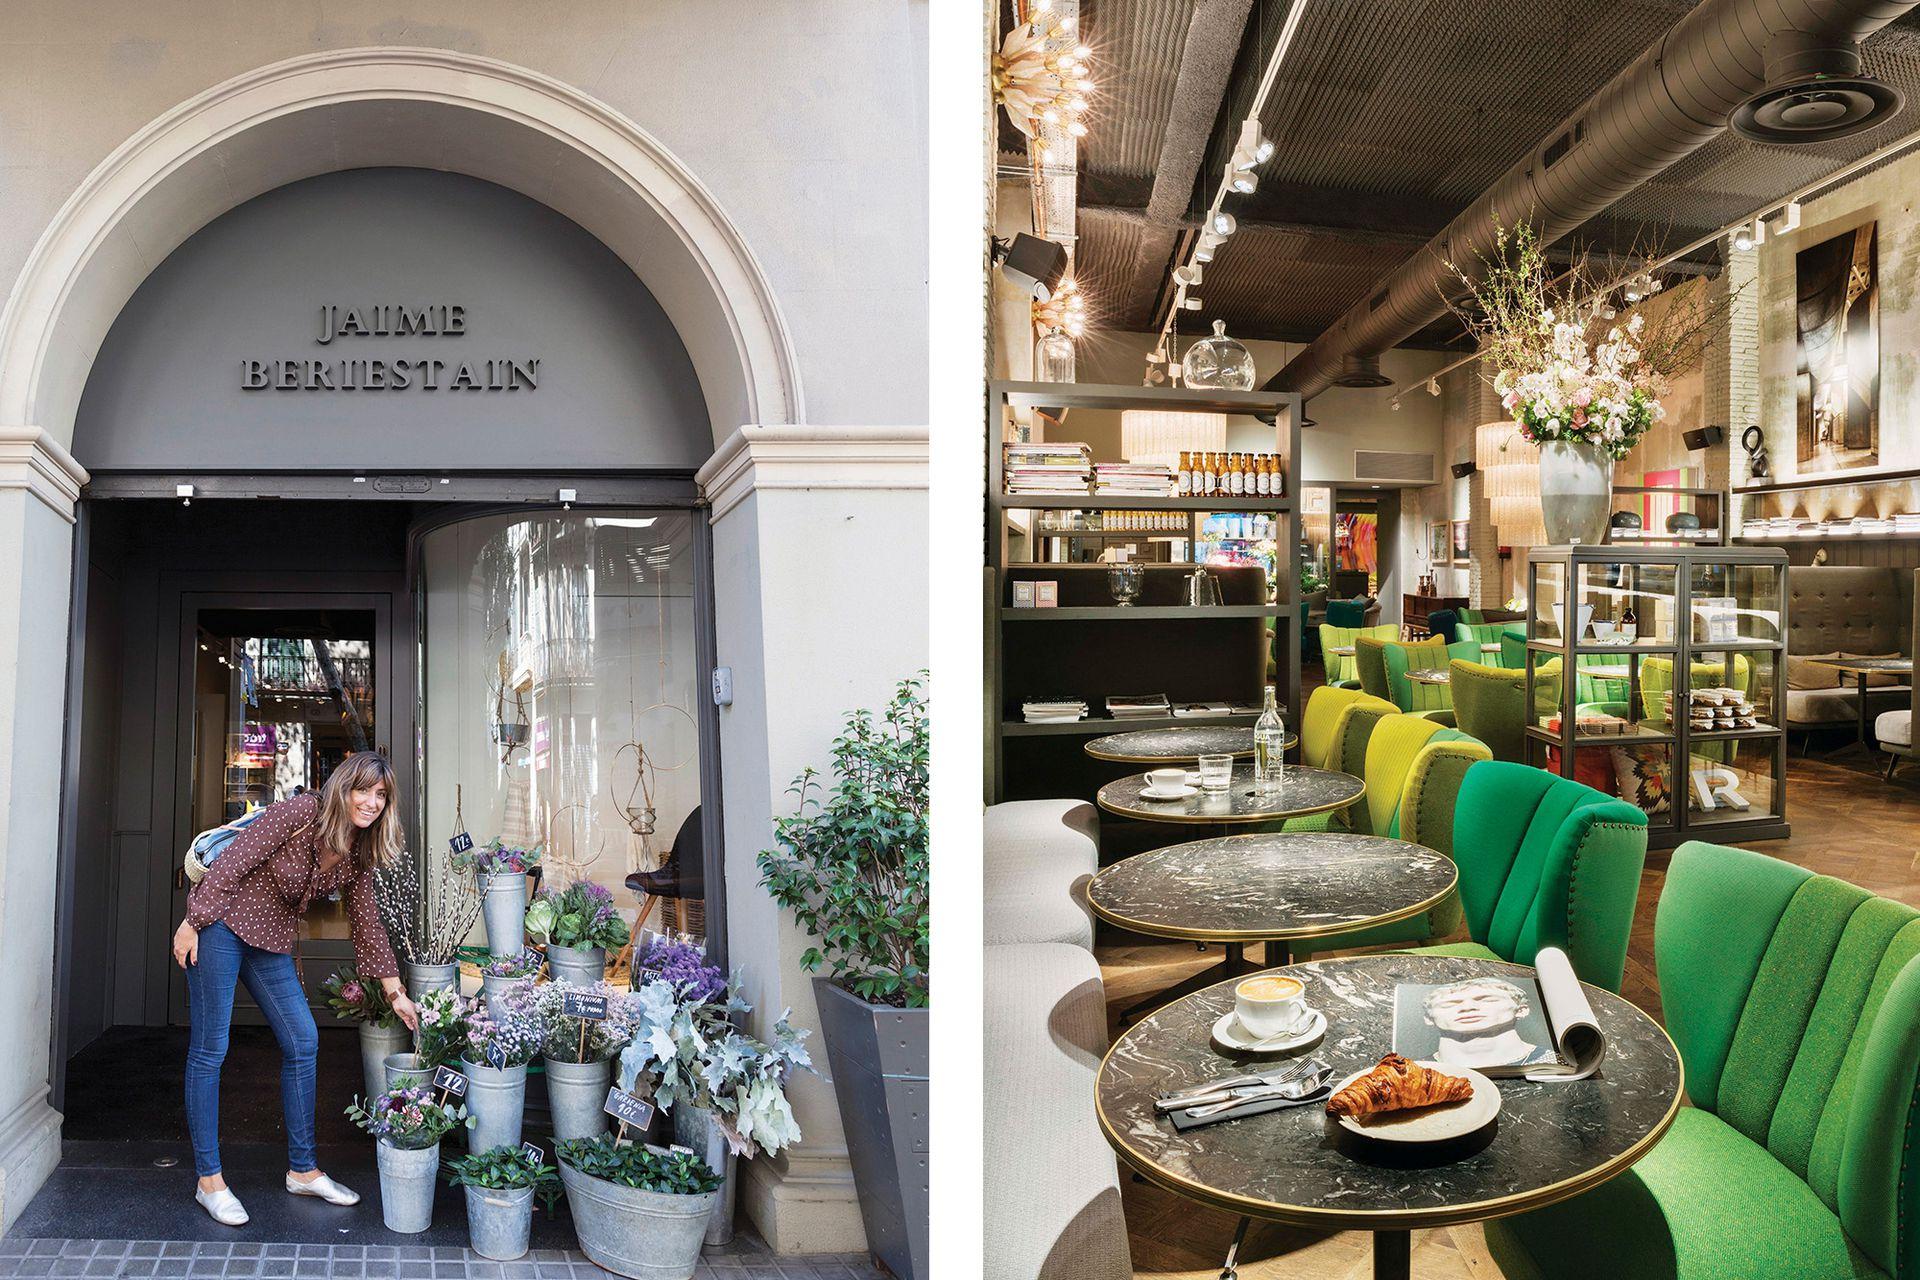 El espacio de Jaime Beriestain tiene una florería que brinda cursos y talleres.